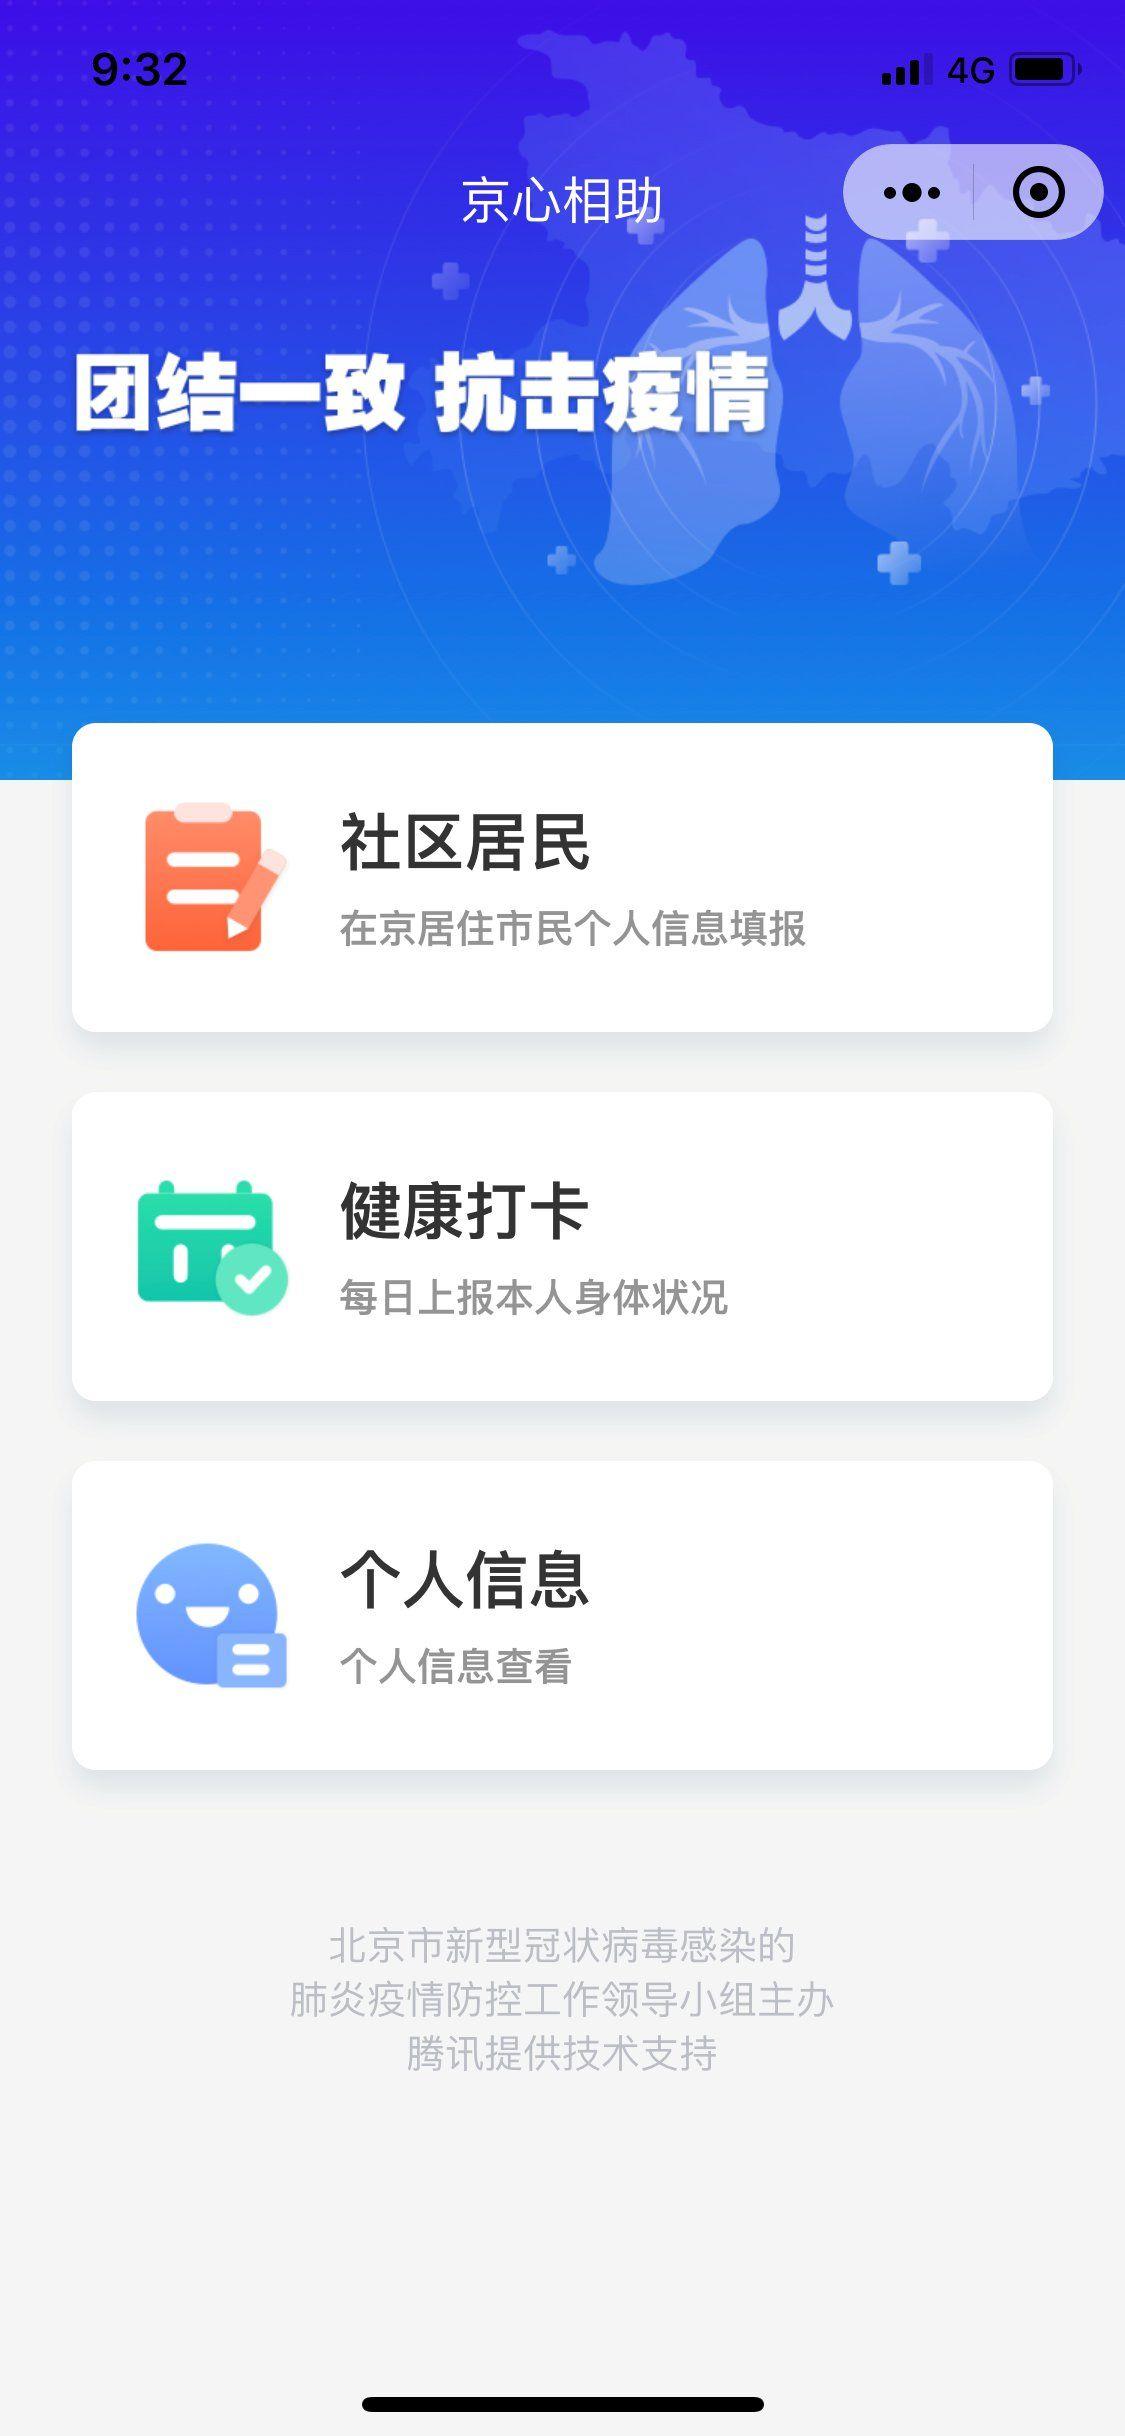 外地返京人员社区登记个人信息填报入口(附操作图)